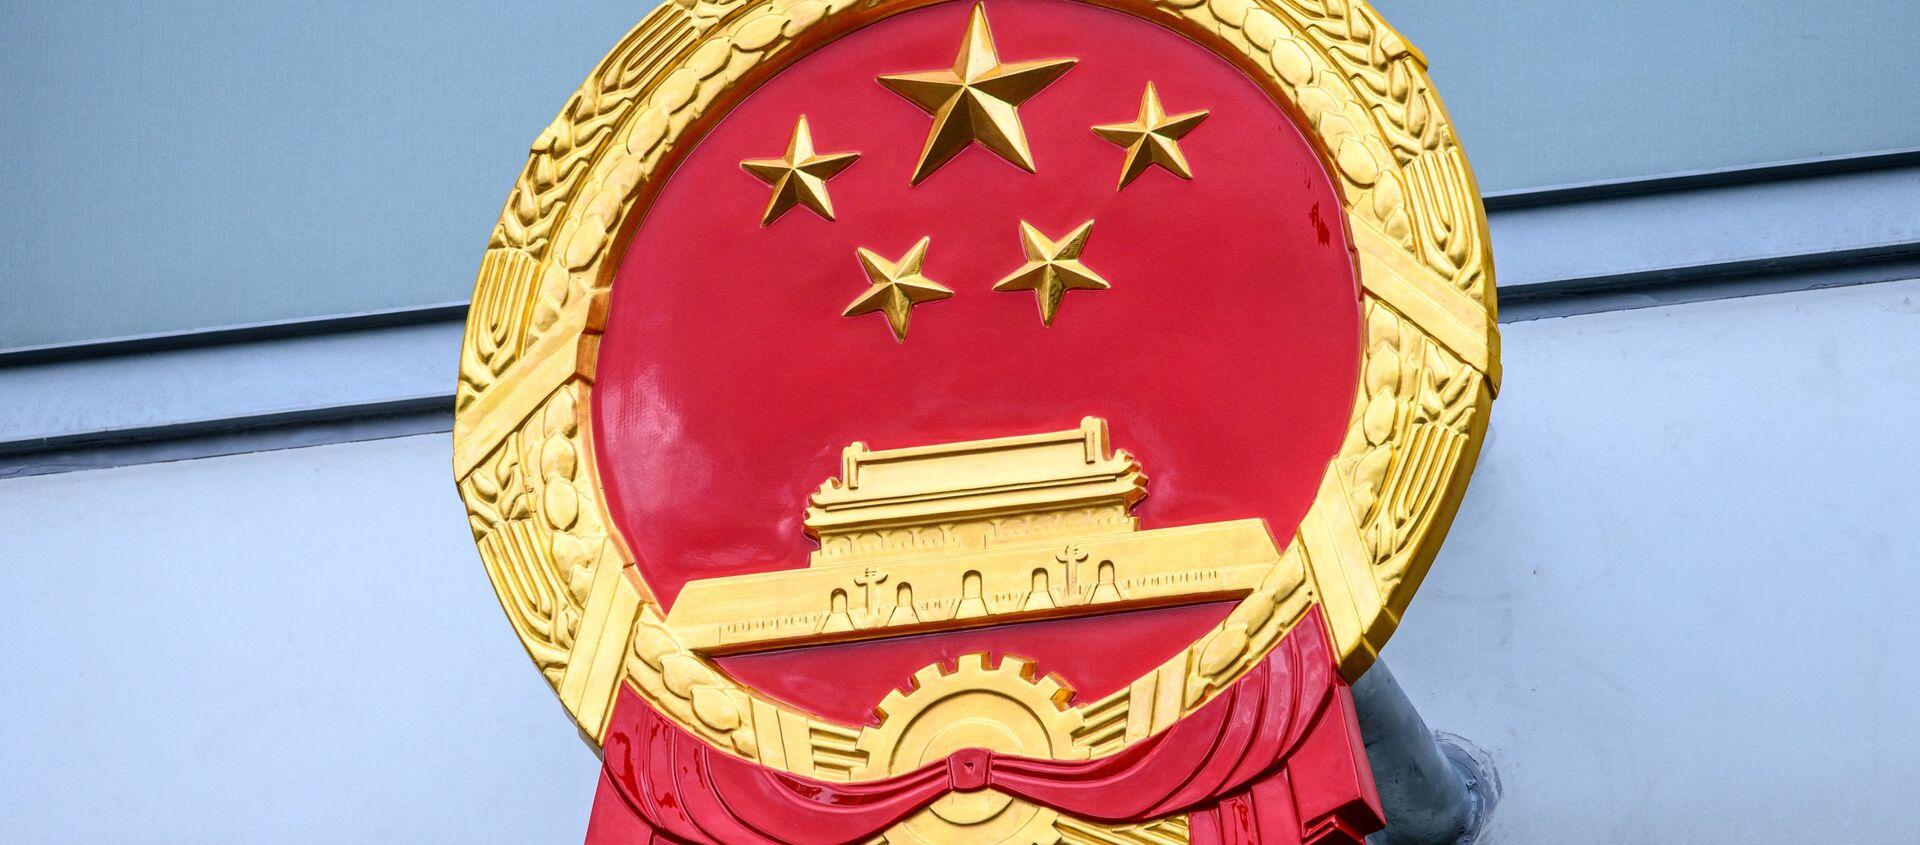 Lo stemma cinese - Sputnik Italia, 1920, 18.02.2021